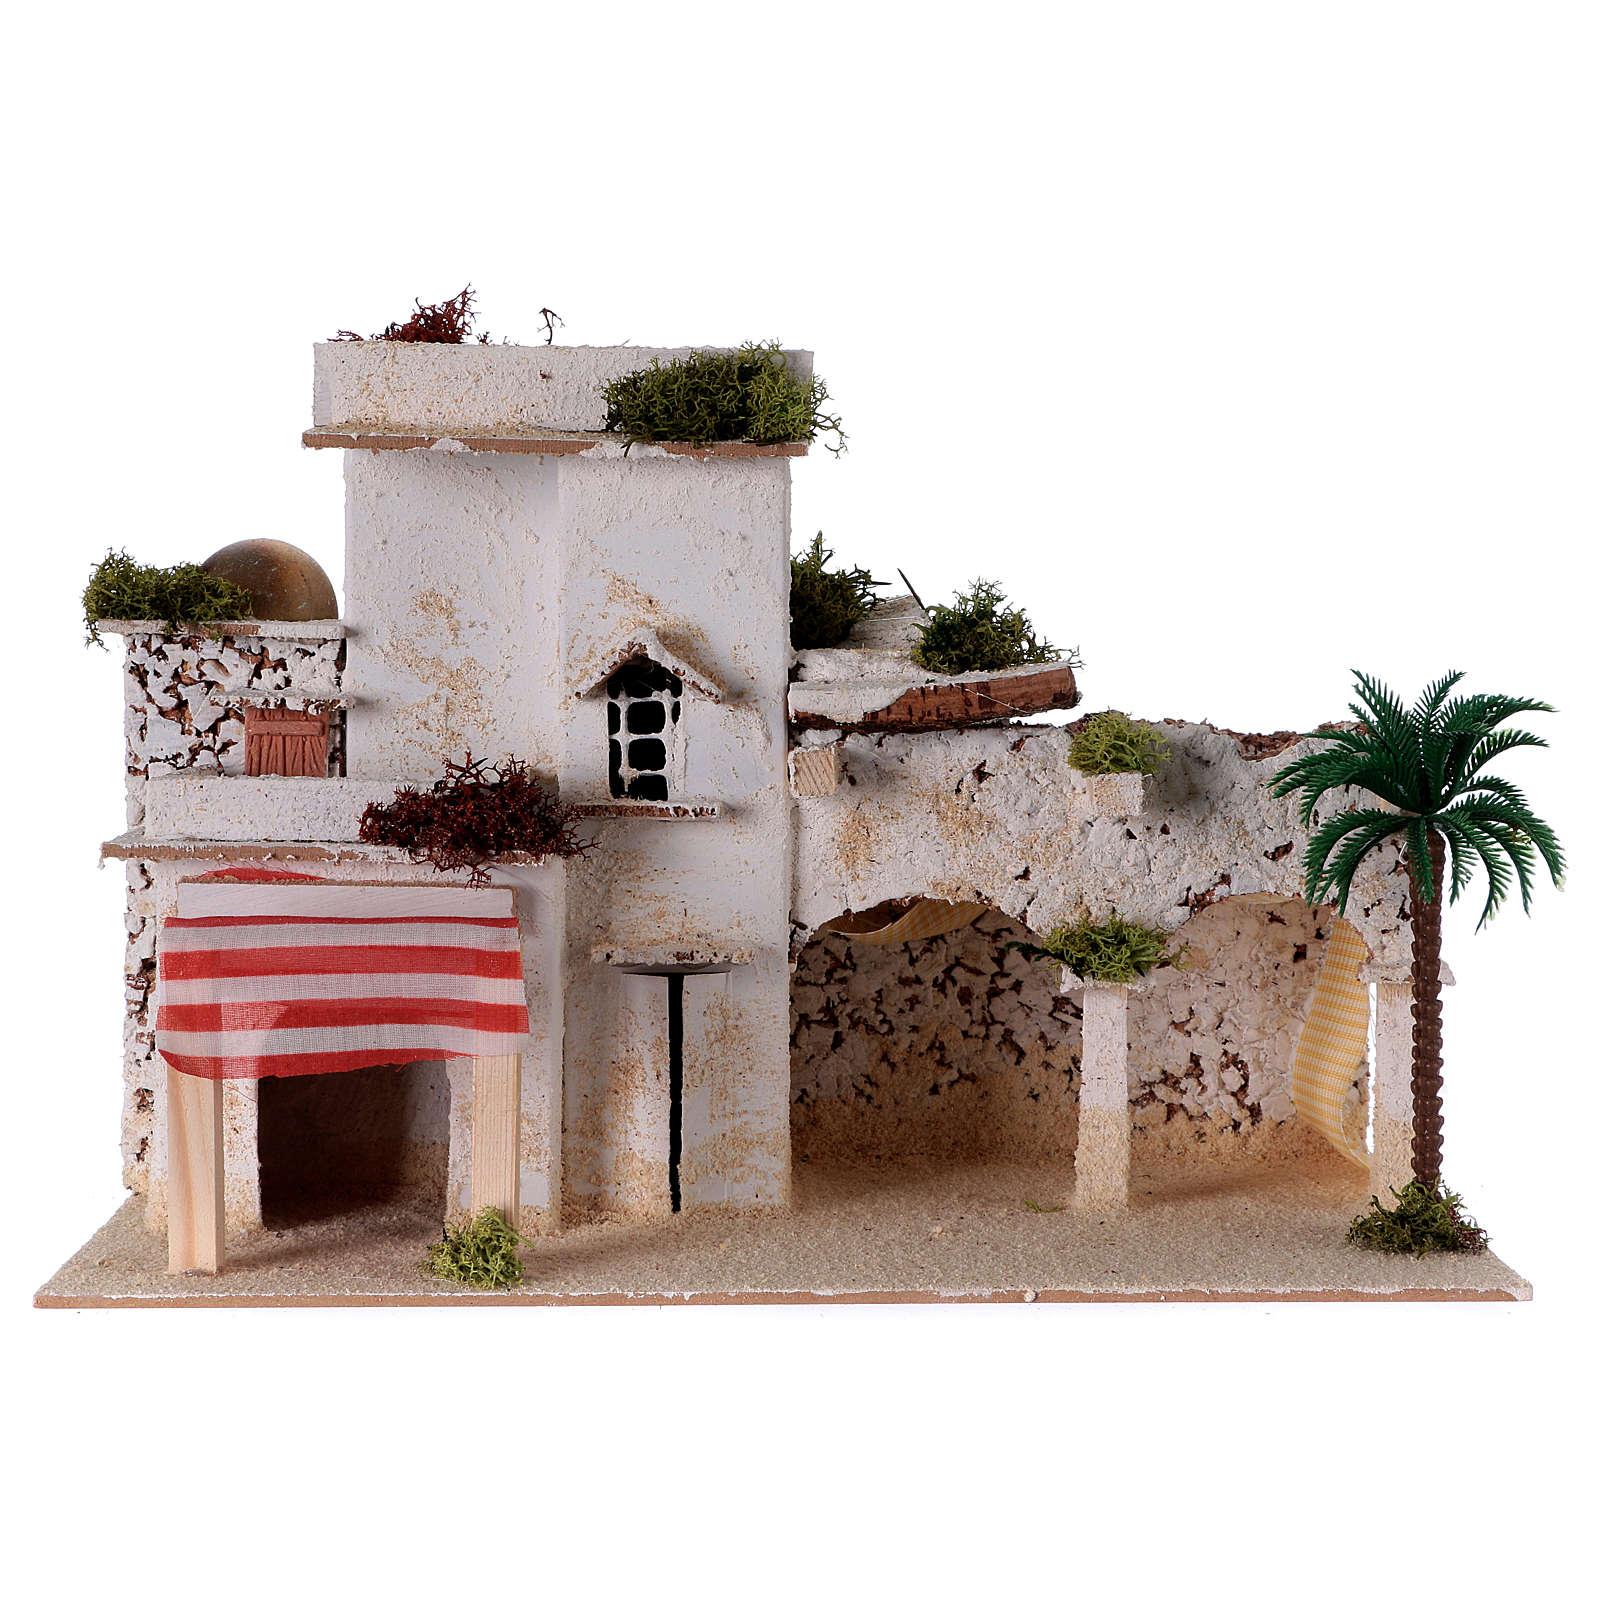 Maison arabe crèche 35x20x20 cm 4